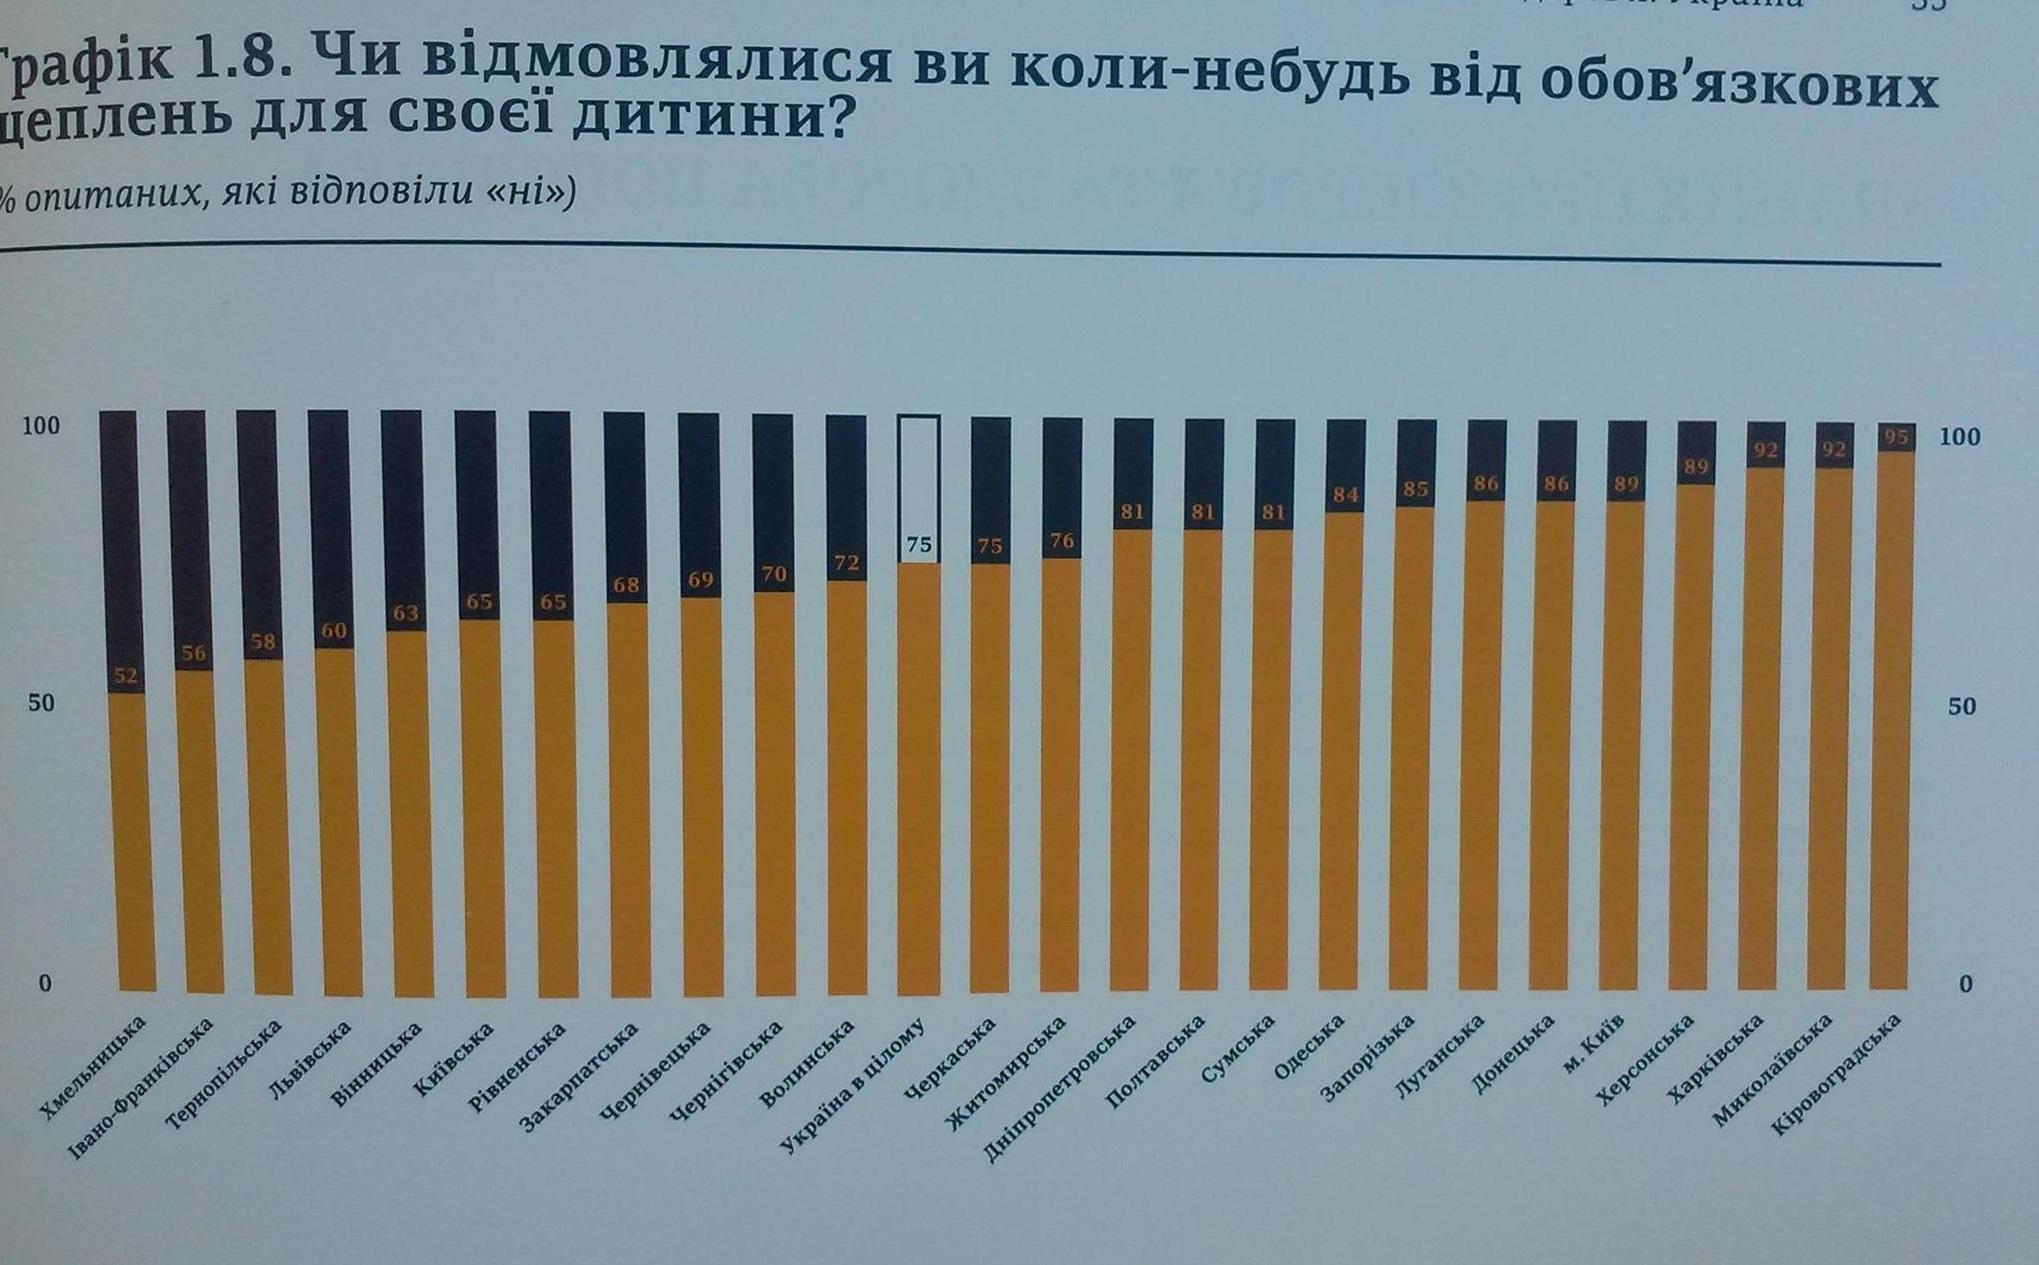 Дізнайся причину: майже половина мешканців Львівщини відмовляється вакцинувати дітей фото